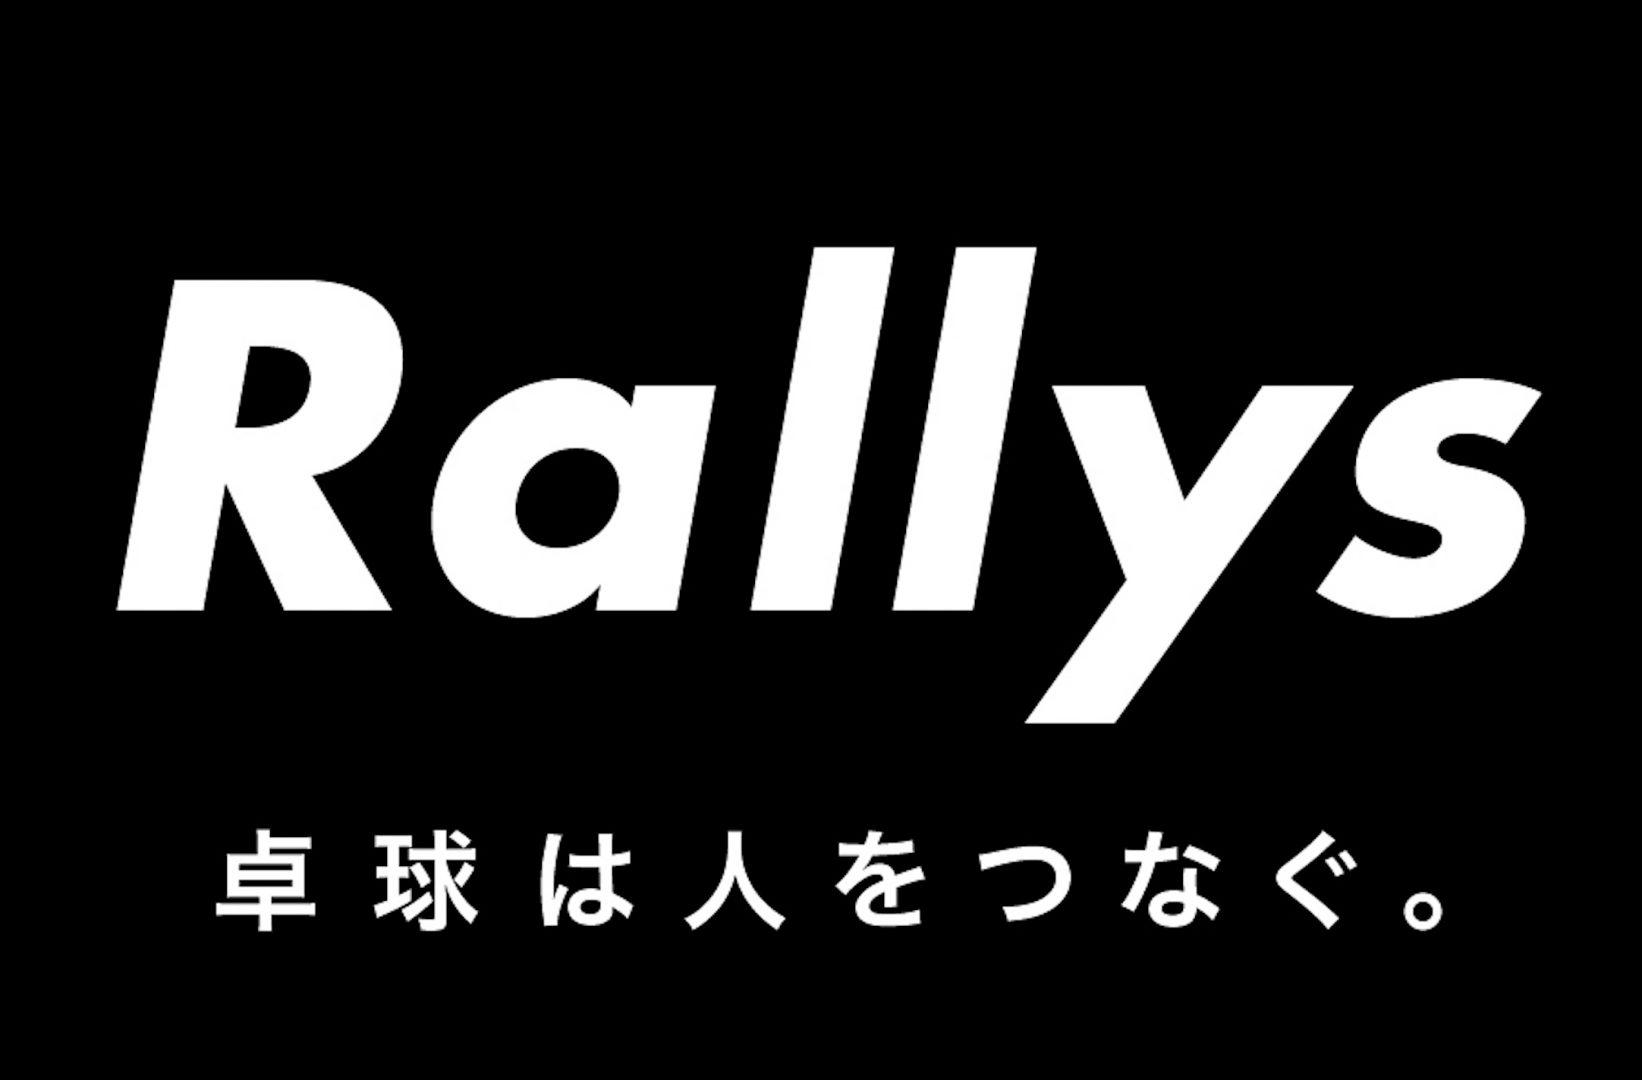 卓球バーで働こう!スタッフ募集|Rallys Career